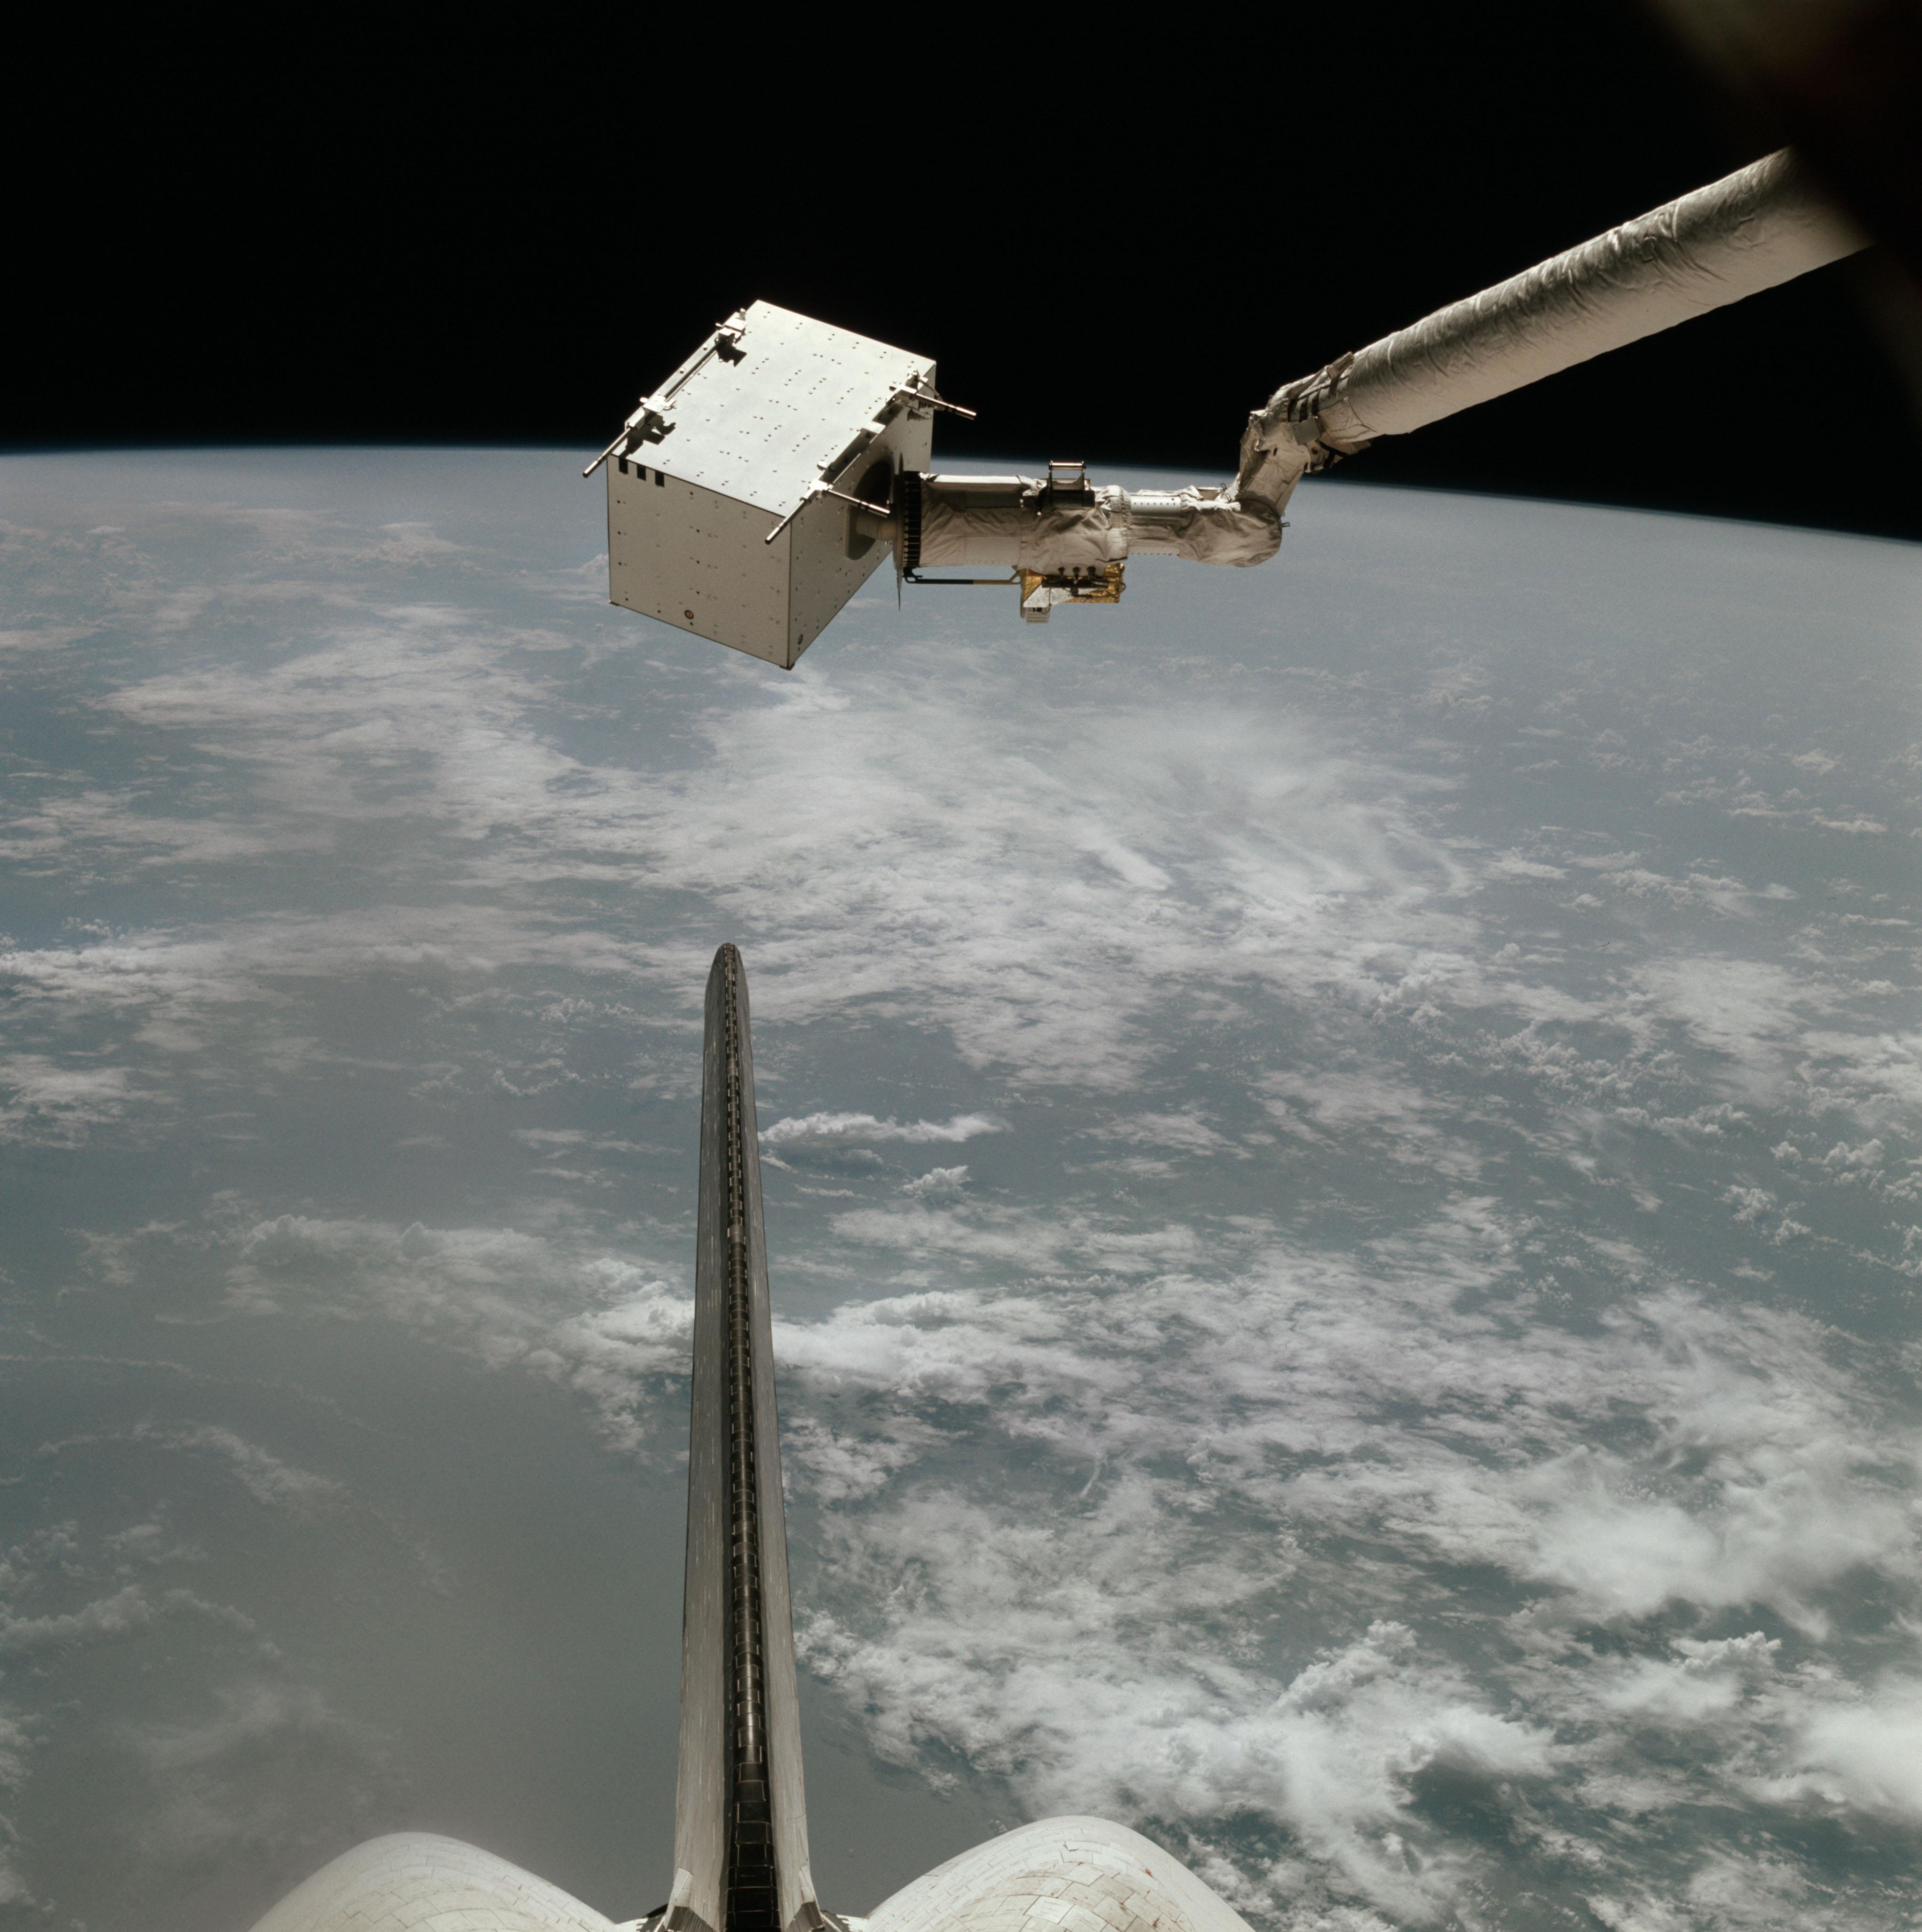 File:STS-4 Induced Environment Contaminant Monitor.jpg